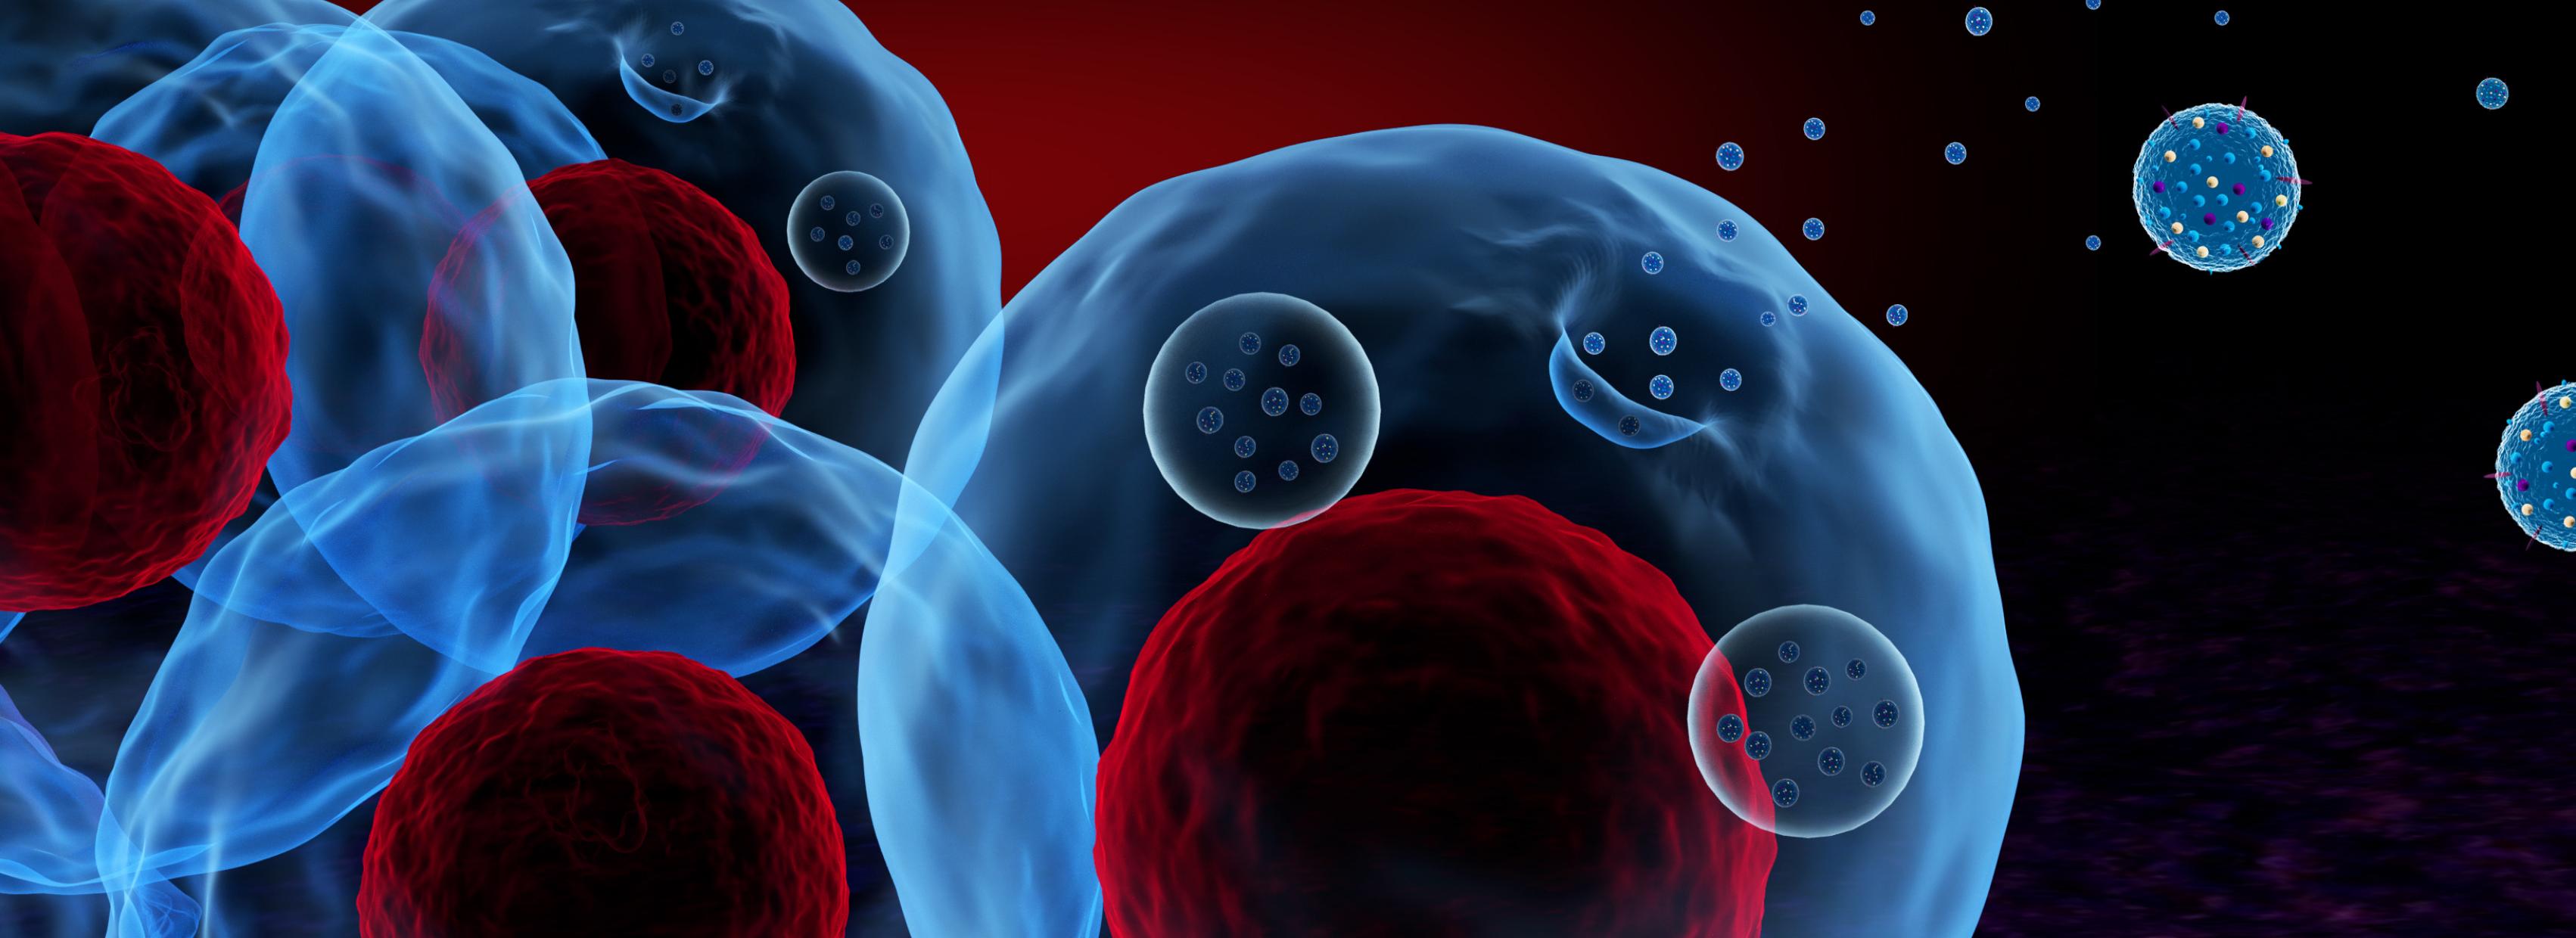 tratamento com células-tronco